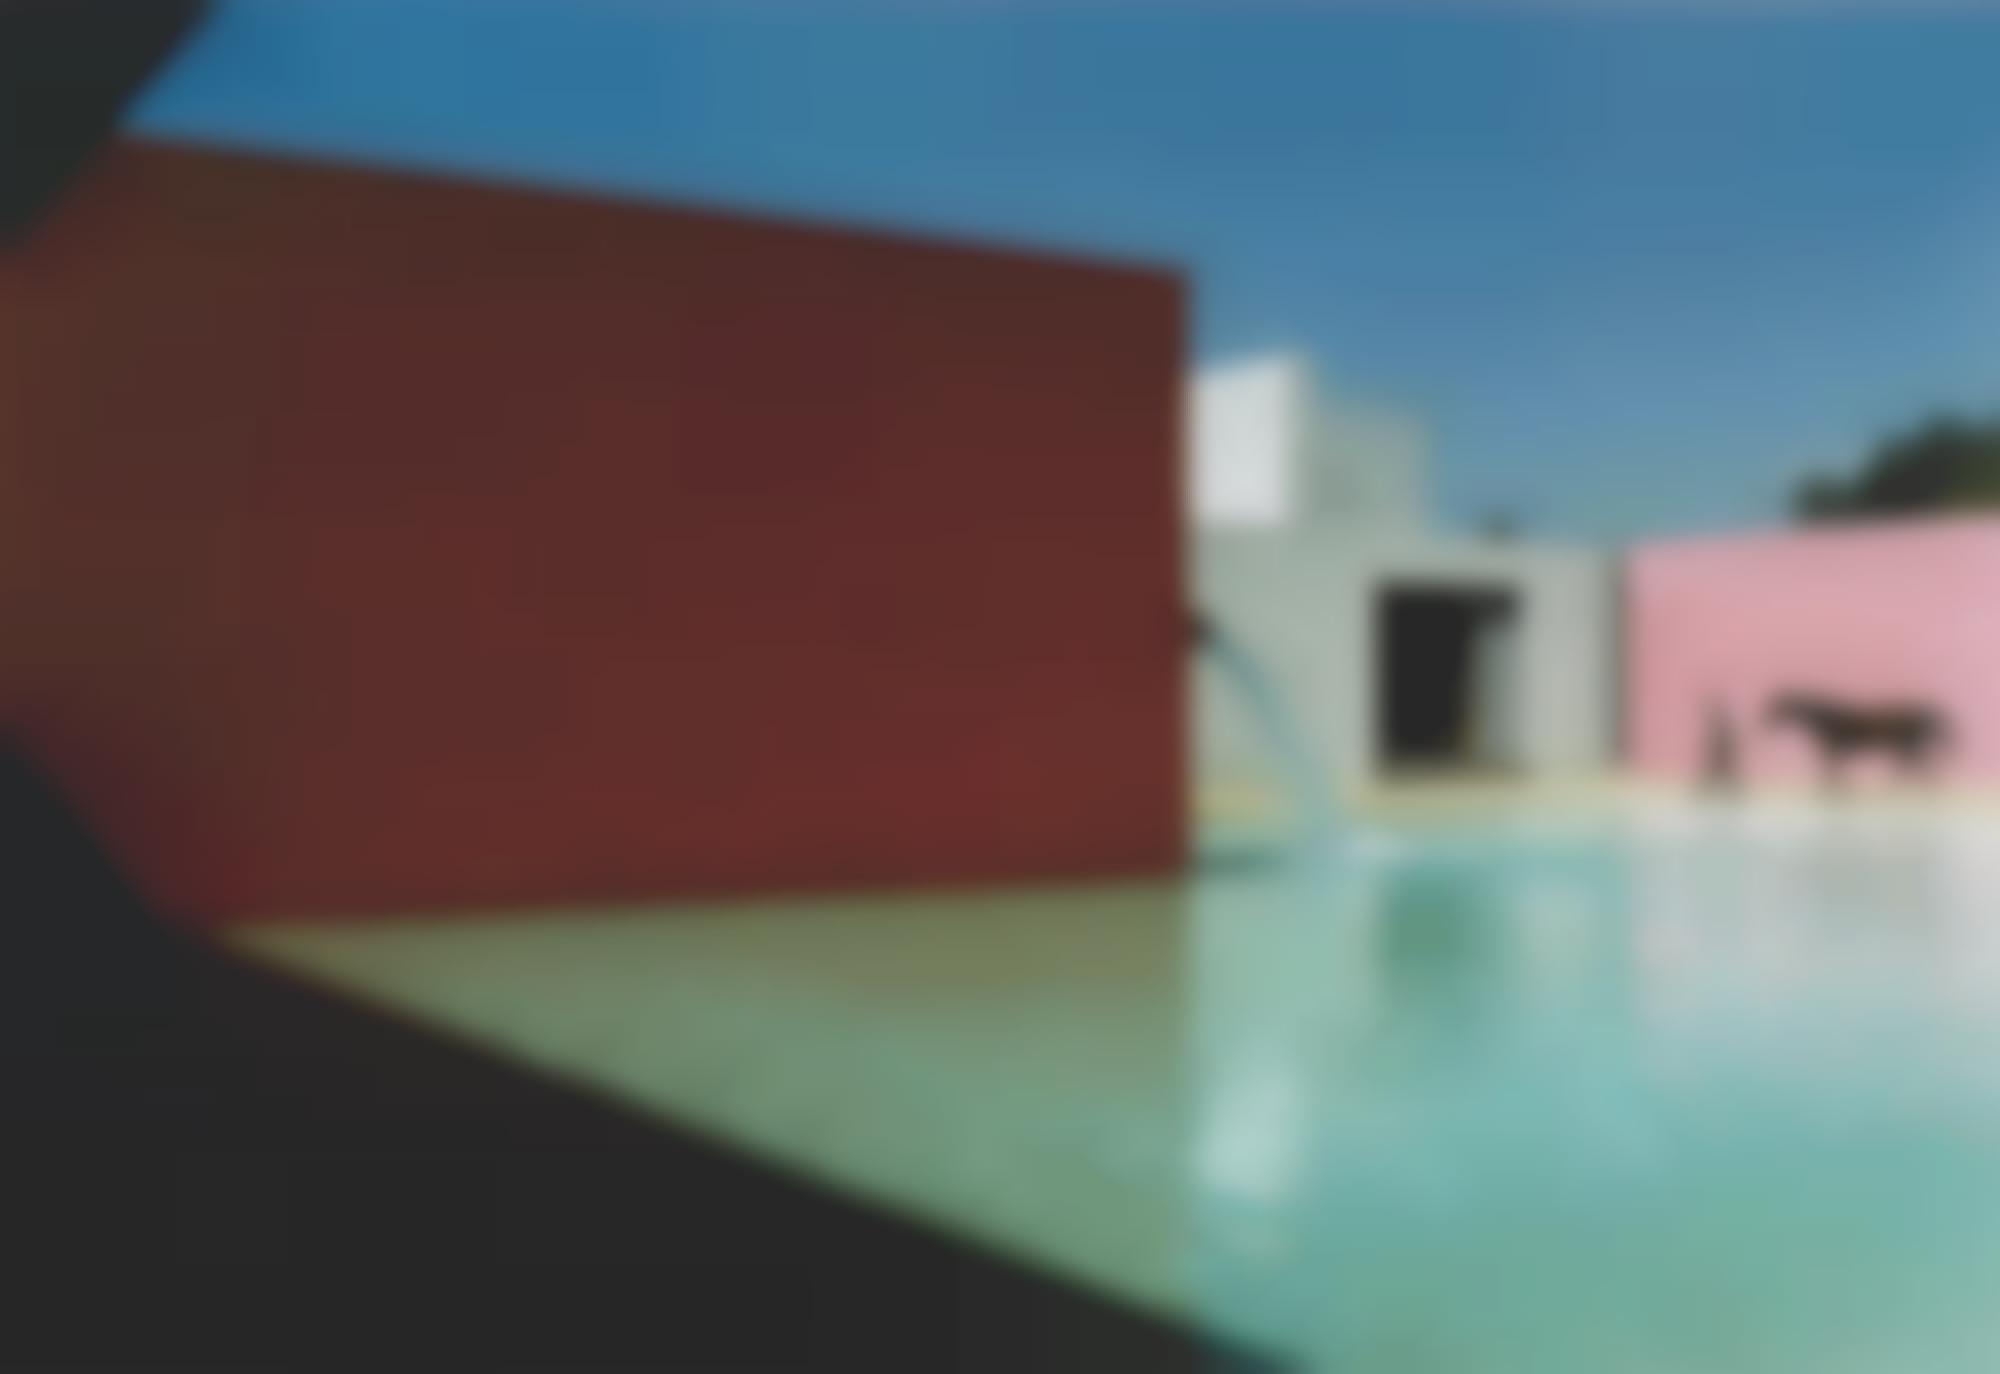 Rene Burri-Piscine Pour Chevaux, Maison Luis Barragan, Mexico City, 1976-